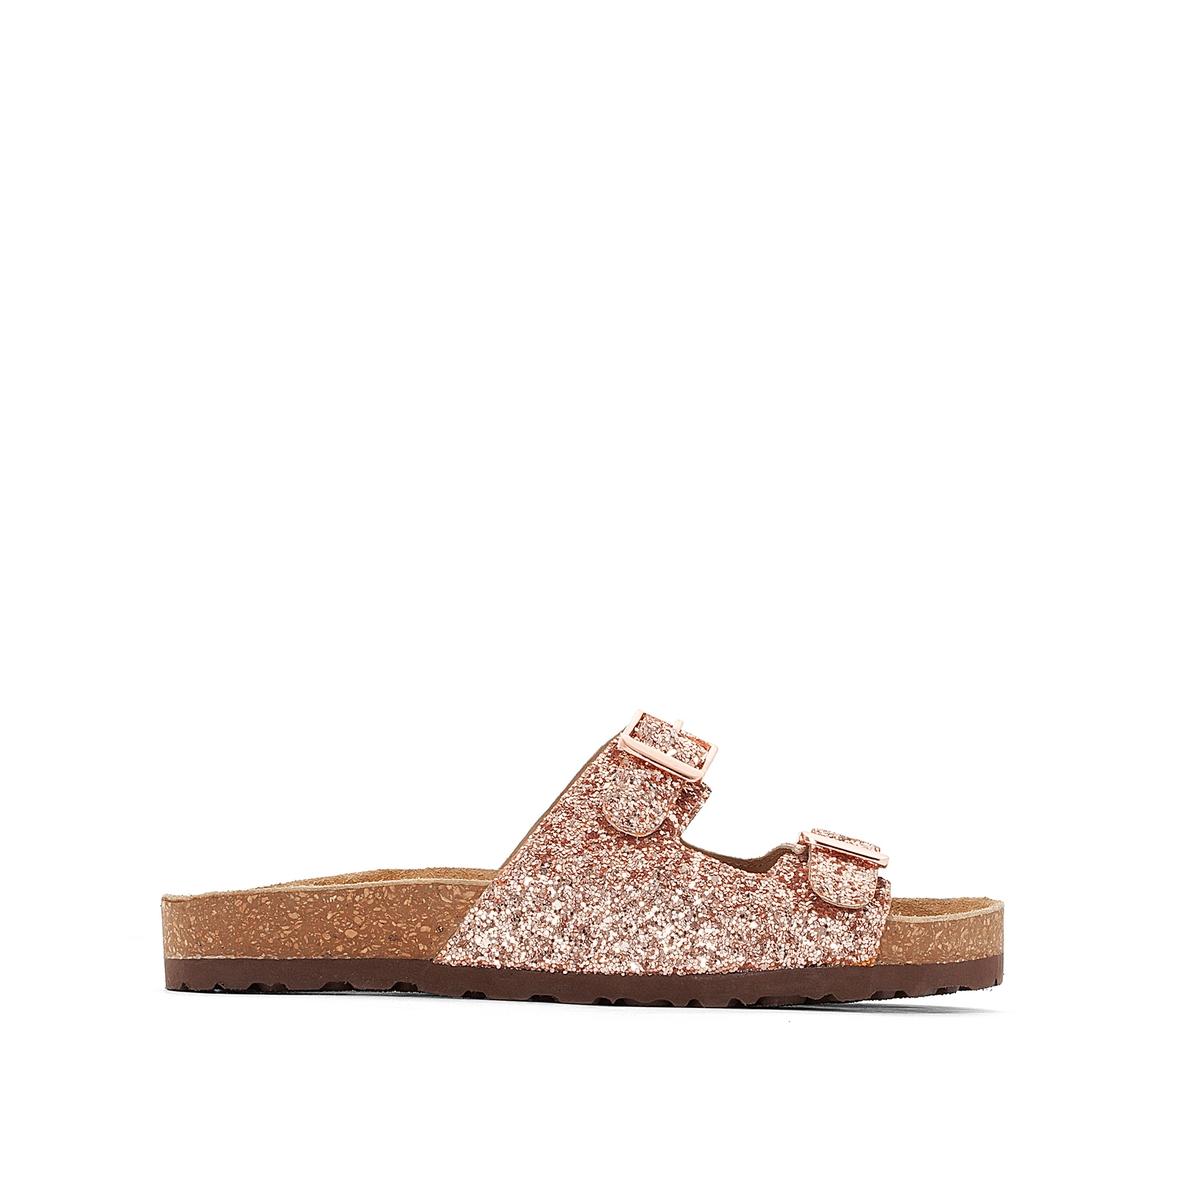 Туфли без задника синтетическиеДетали   •  Туфли без задника •  Высота каблука : 0 см •  Застежка : без застежки •  Открытый мысок •  Гладкая отделкаСостав и уход   •  Верх 100% синтетический материал •  Подкладка 100% синтетический материал<br><br>Цвет: золотисто-розовый<br>Размер: 40.38